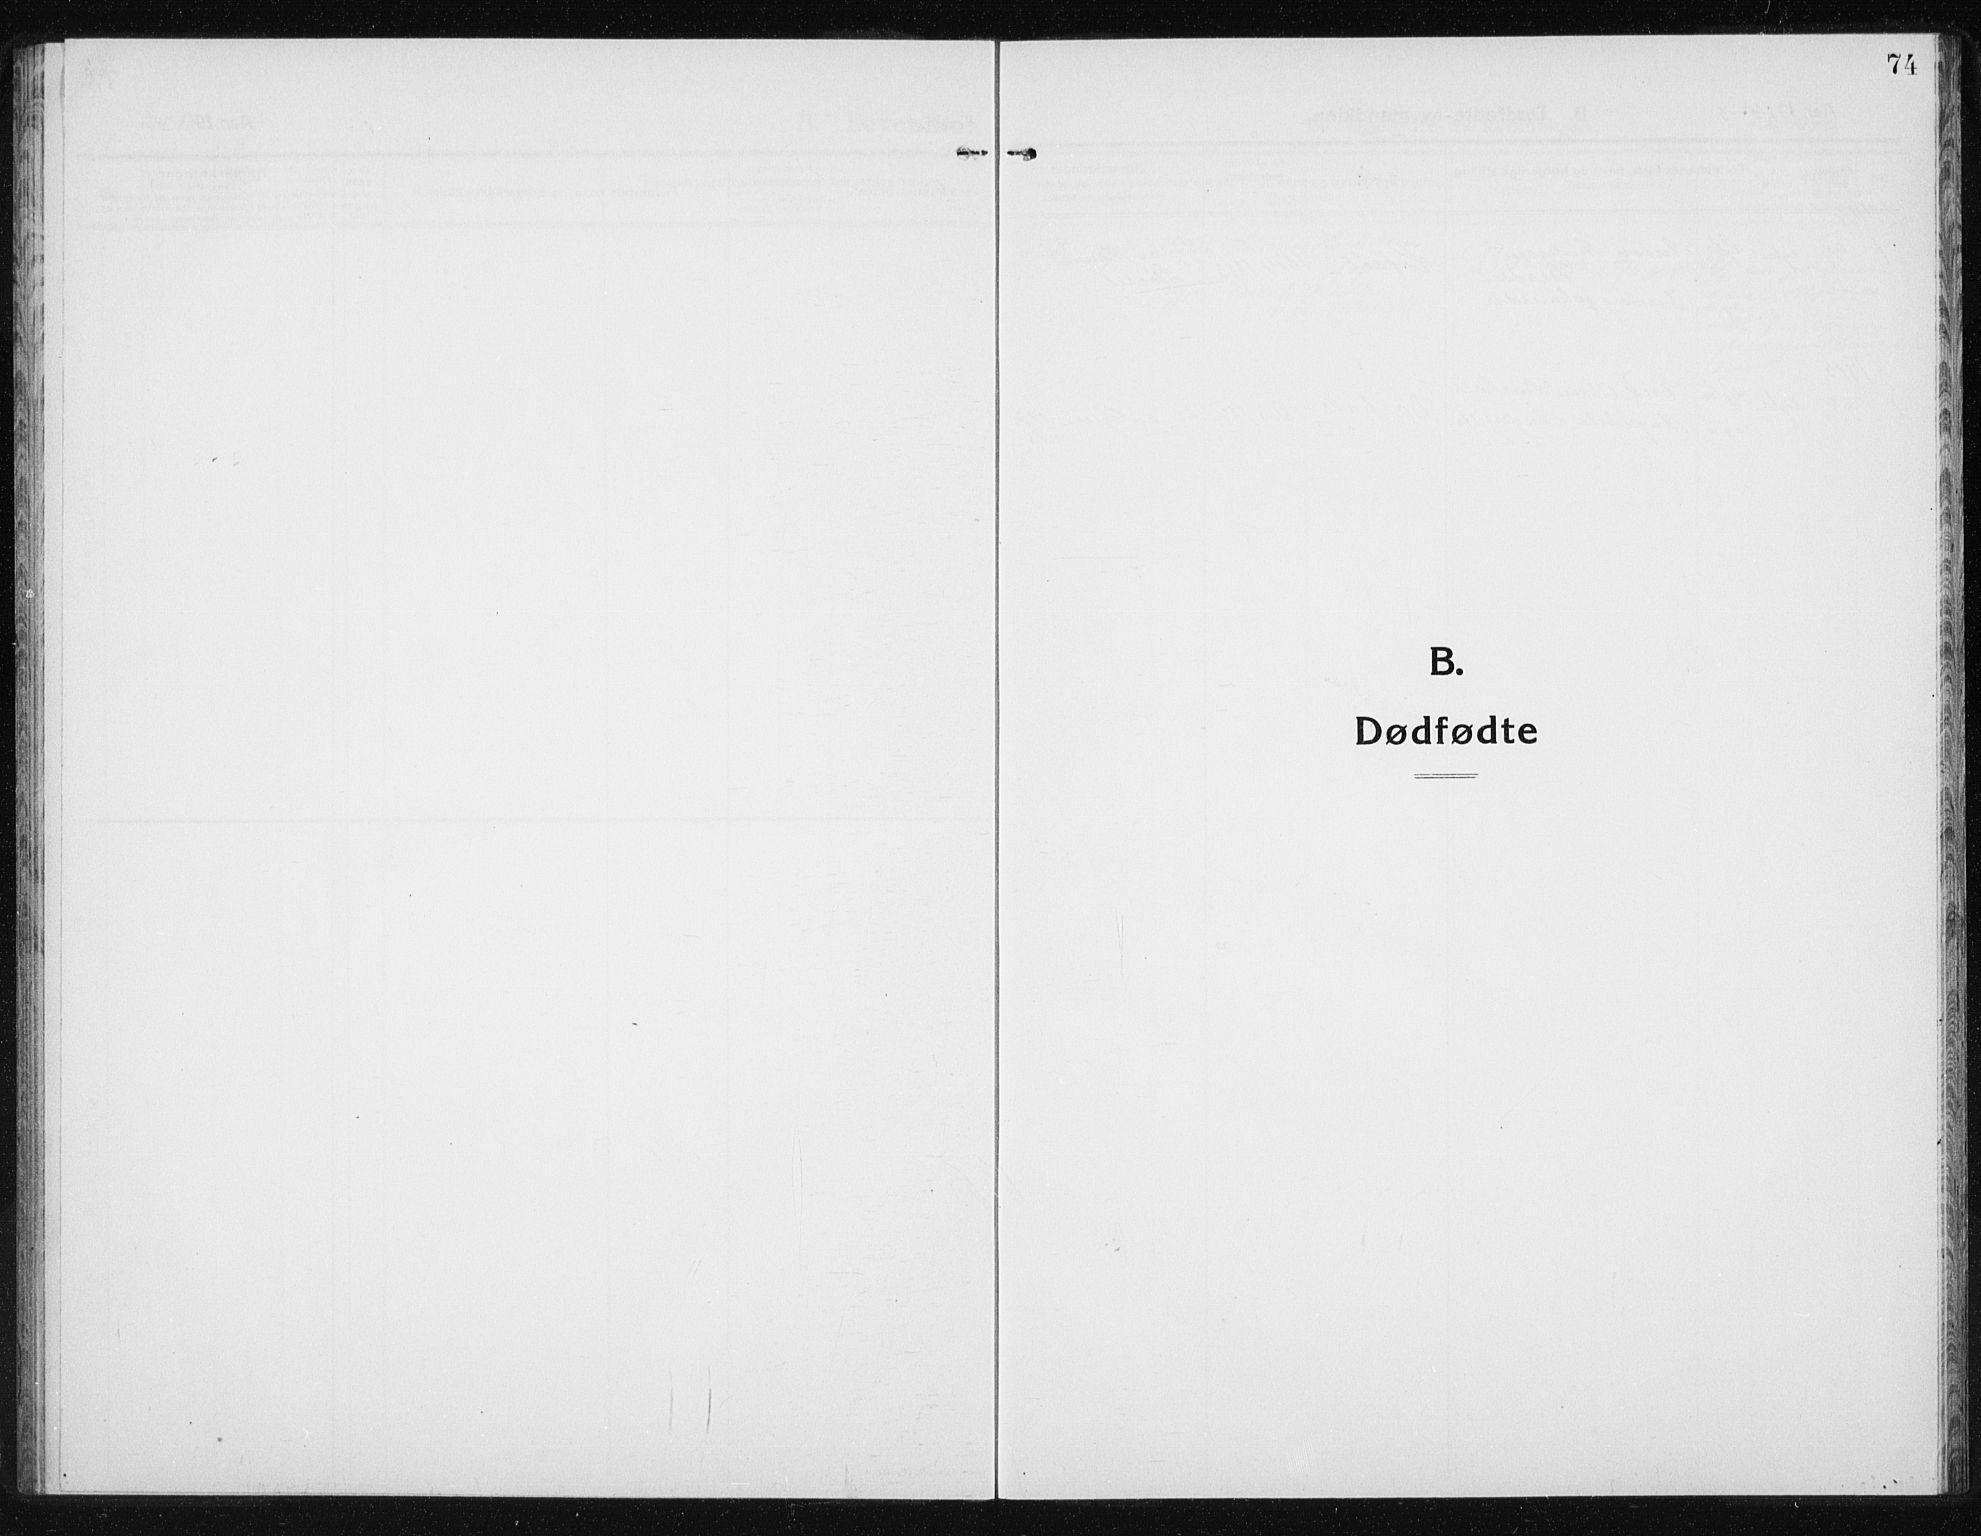 SAT, Ministerialprotokoller, klokkerbøker og fødselsregistre - Sør-Trøndelag, 631/L0515: Klokkerbok nr. 631C03, 1913-1939, s. 74